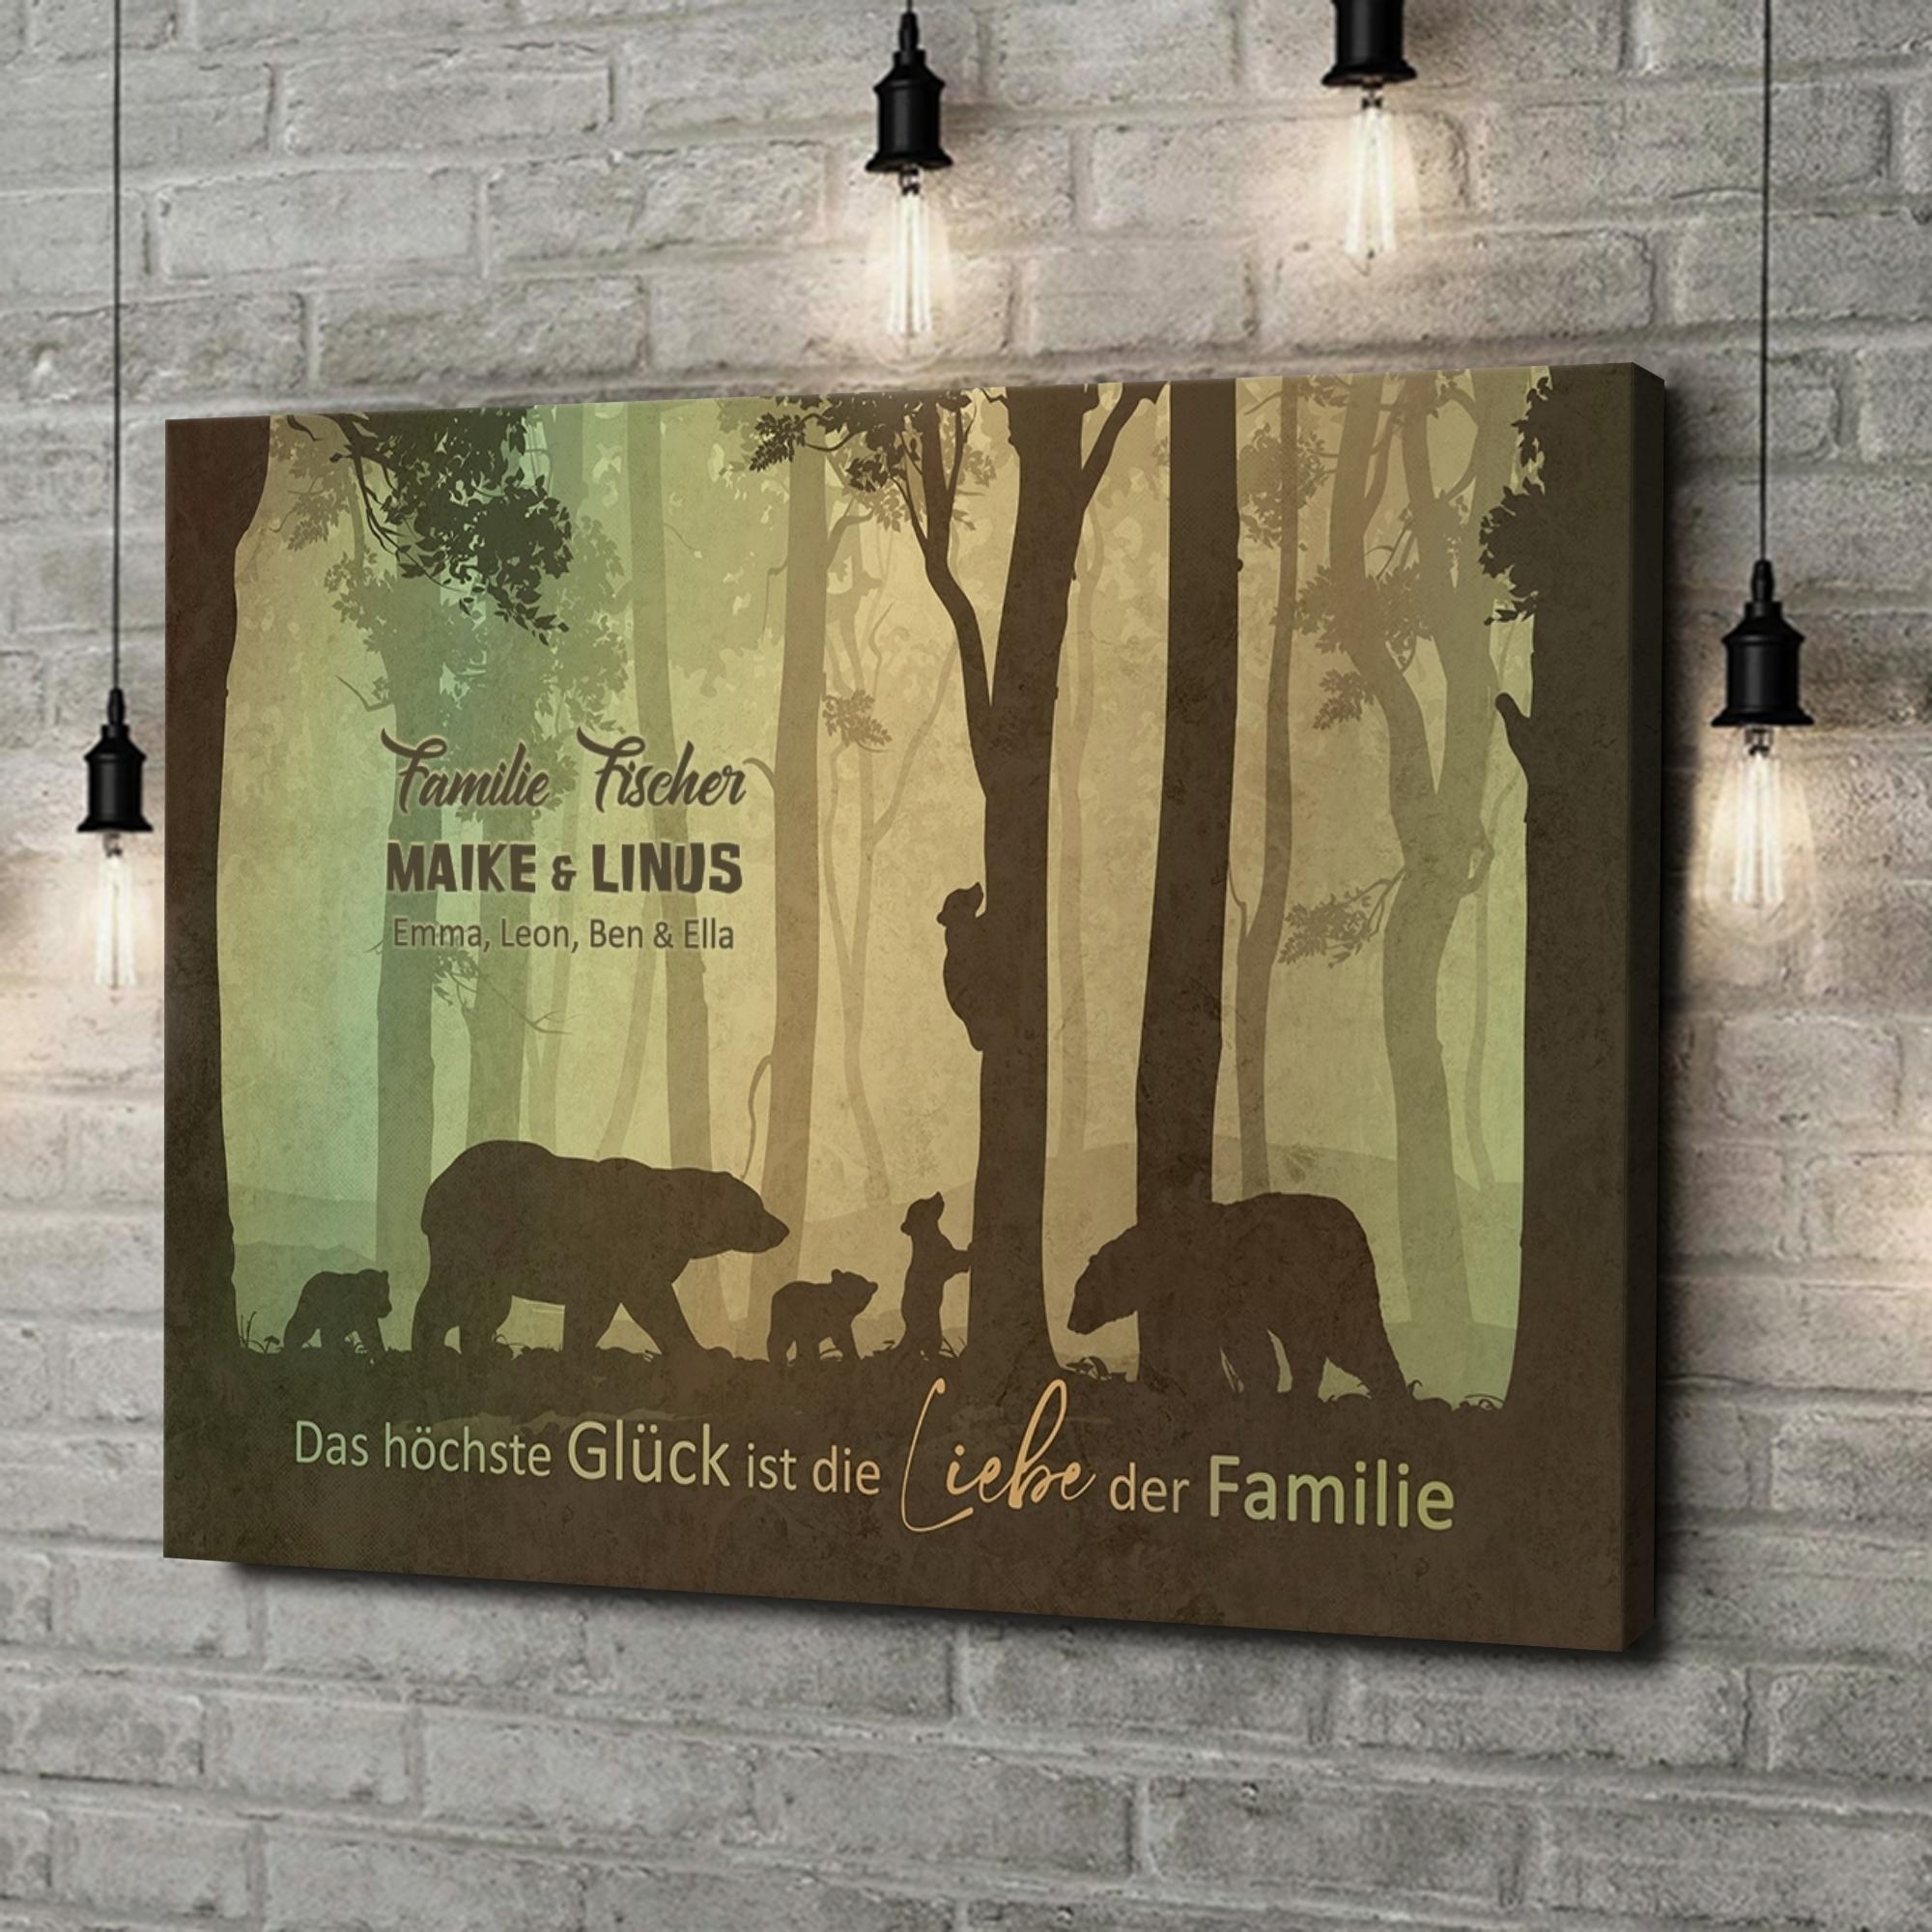 Leinwandbild personalisiert Liebe einer Familie